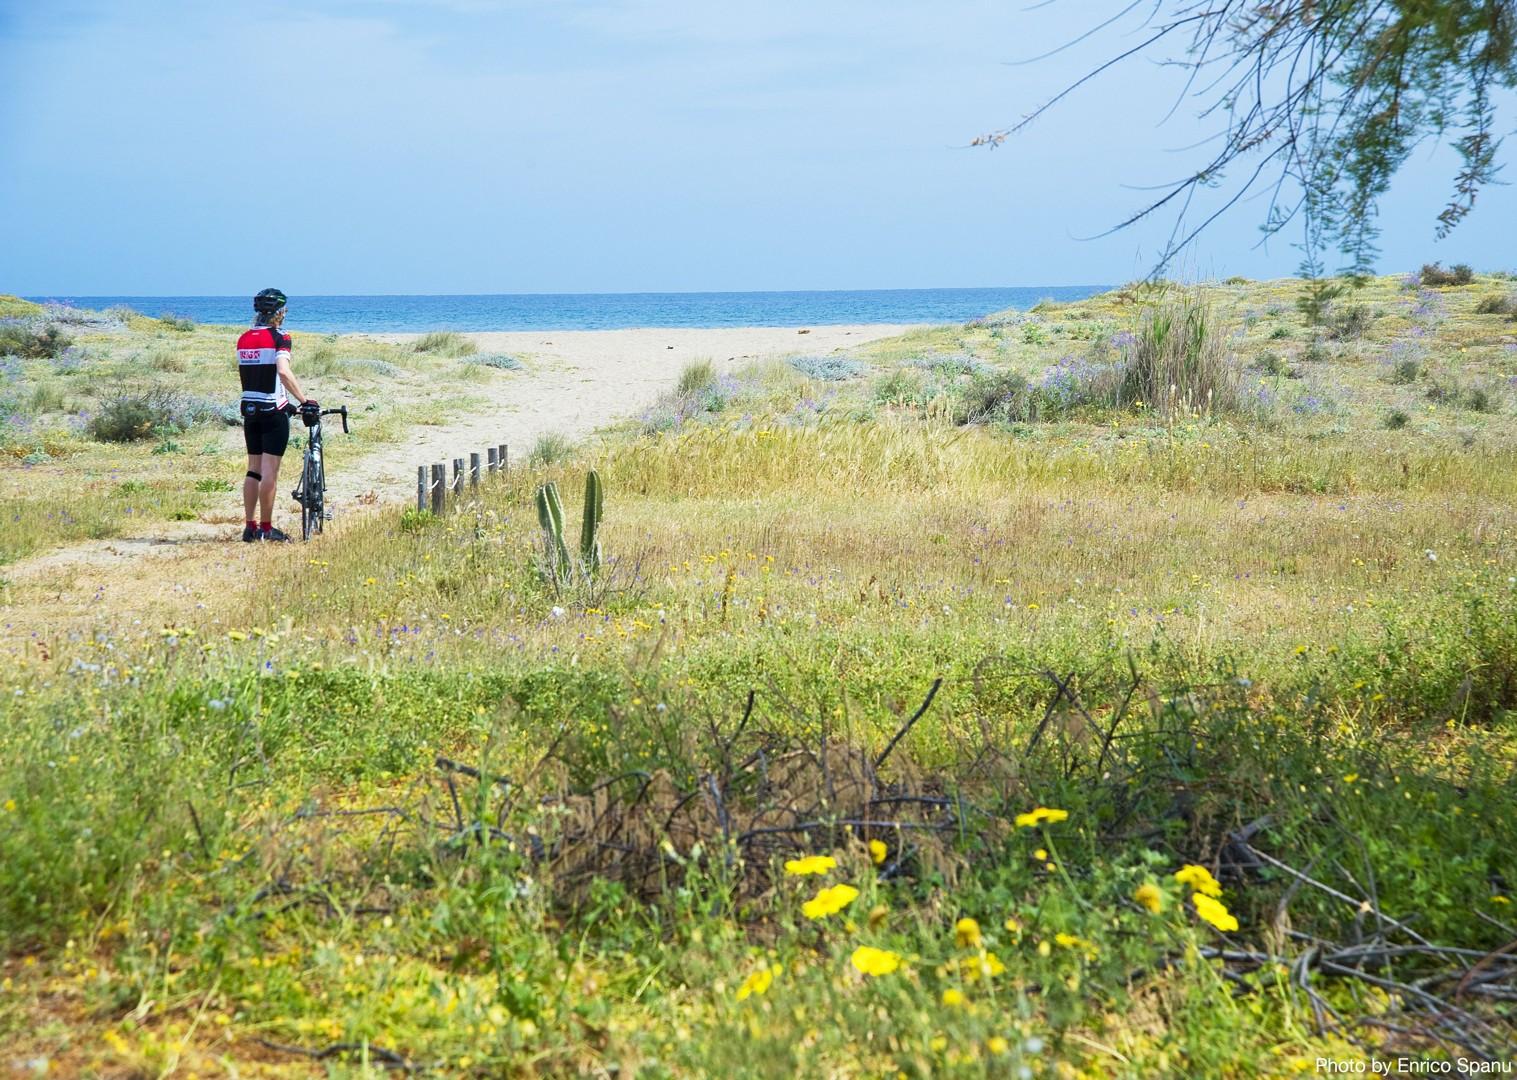 Road-Cycling-Holiday-Italy-Sardinia-Sardinian-Mountains-coast.jpg - Italy - Sardinia - Sardinian Mountains - Guided Road Cycling Holiday - Italia Road Cycling